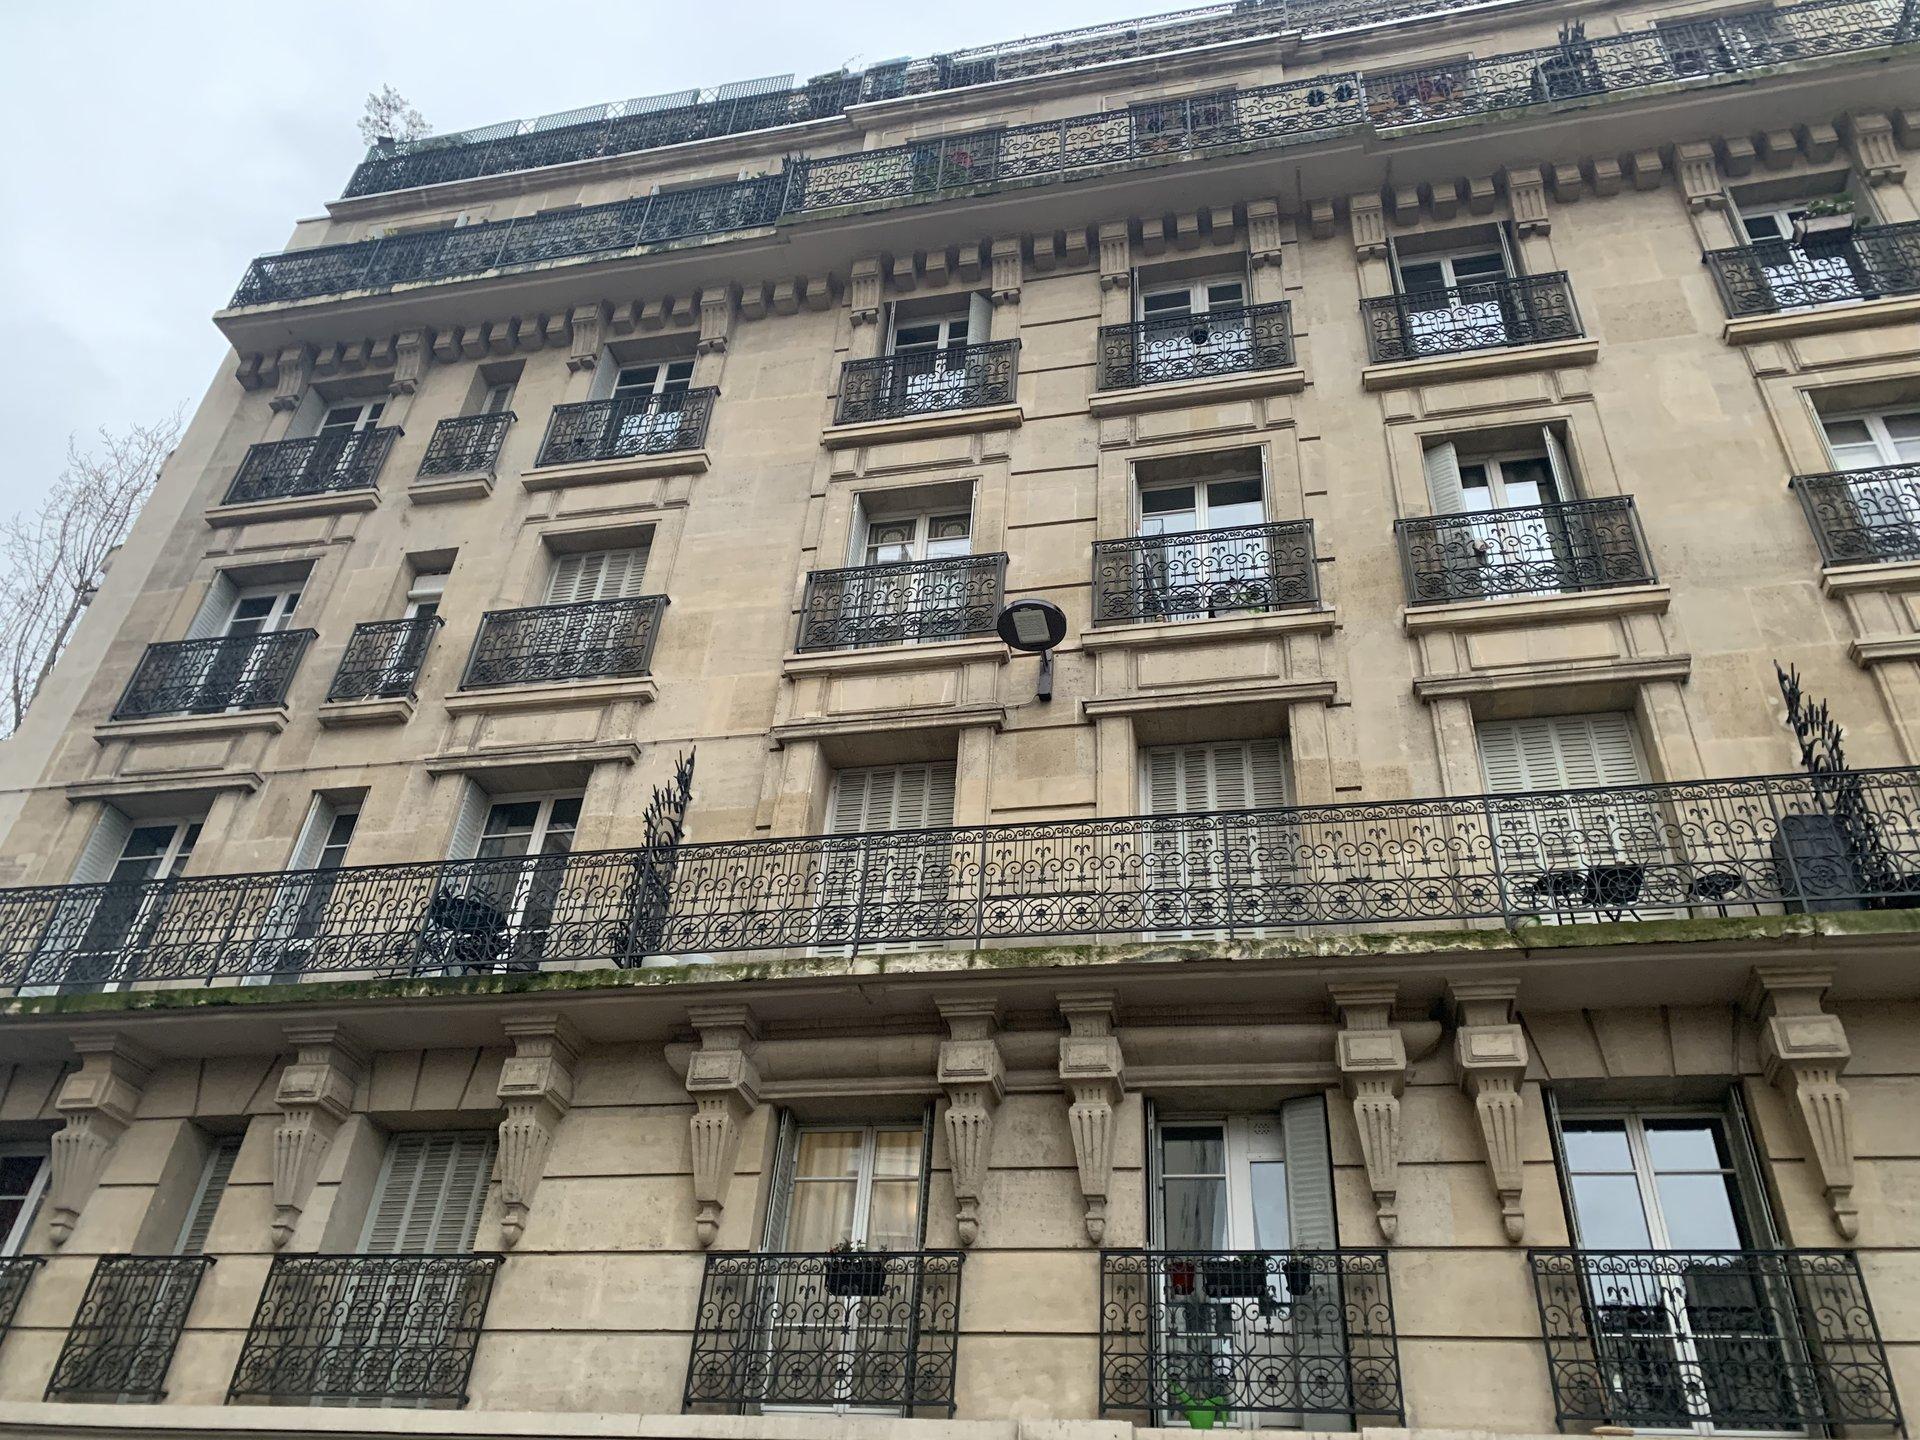 Paris - XIV ème - SQUARE FRÉDÉRIC-BAZILLE - M° Alésia / Plaisance - MAISON - 3 PIÈCES - CADRE VERDOYANT - LUMIÈRE - PROPRIÉTÉ DES COMBLES - ATYPIQUE - CALME ABSOLU - ADRESSE RECHERCHÉE